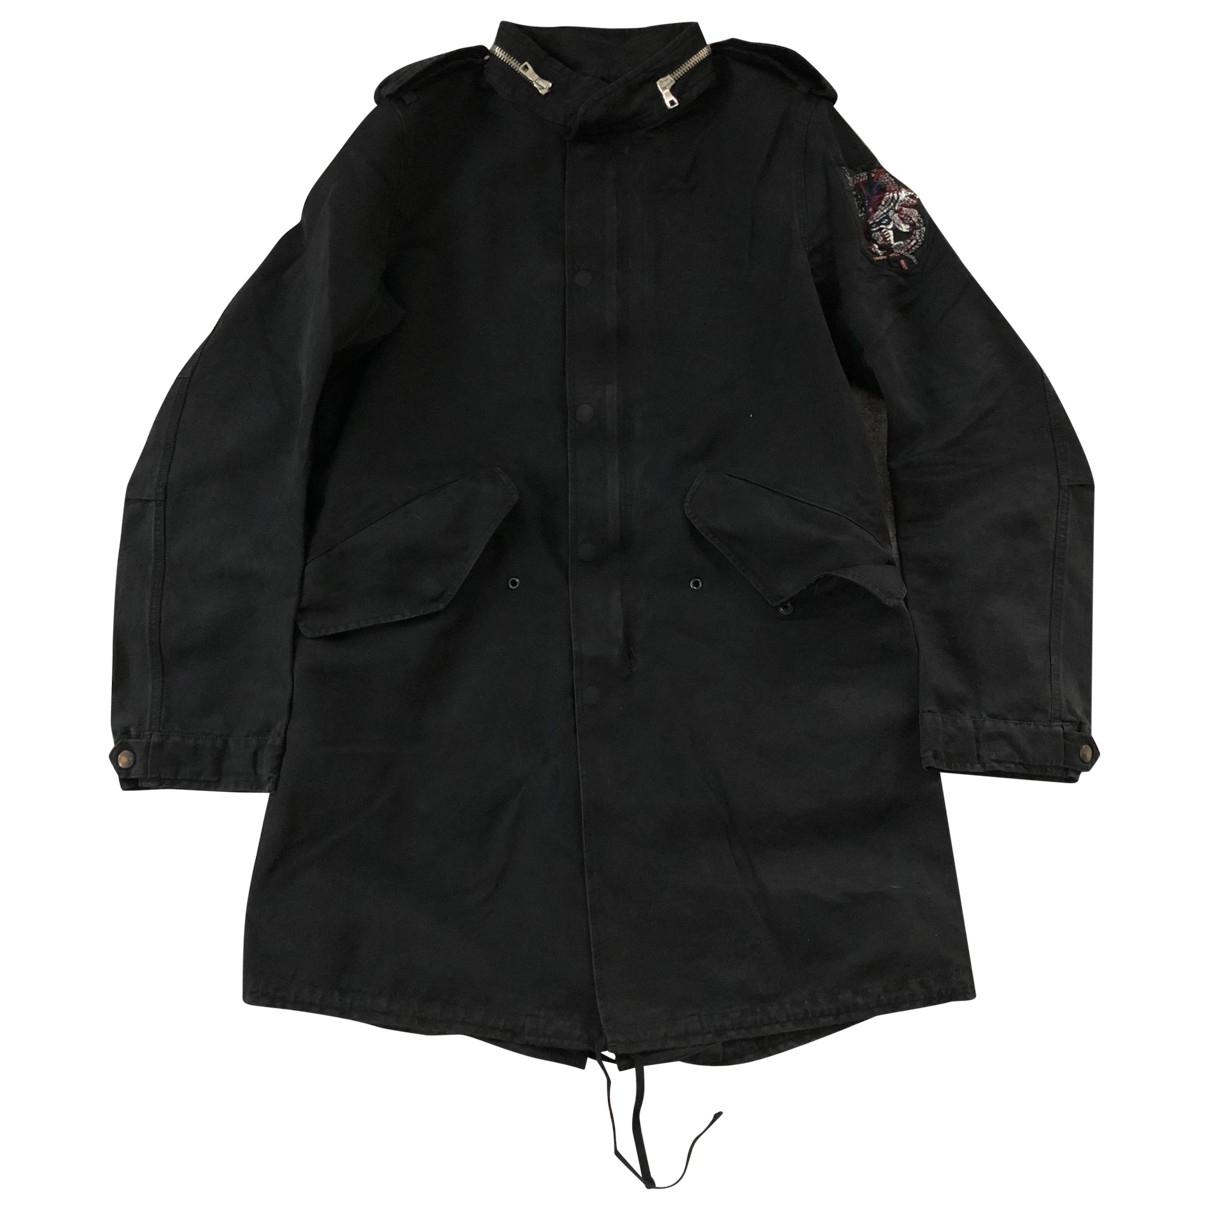 Balmain - Manteau   pour homme en coton - noir